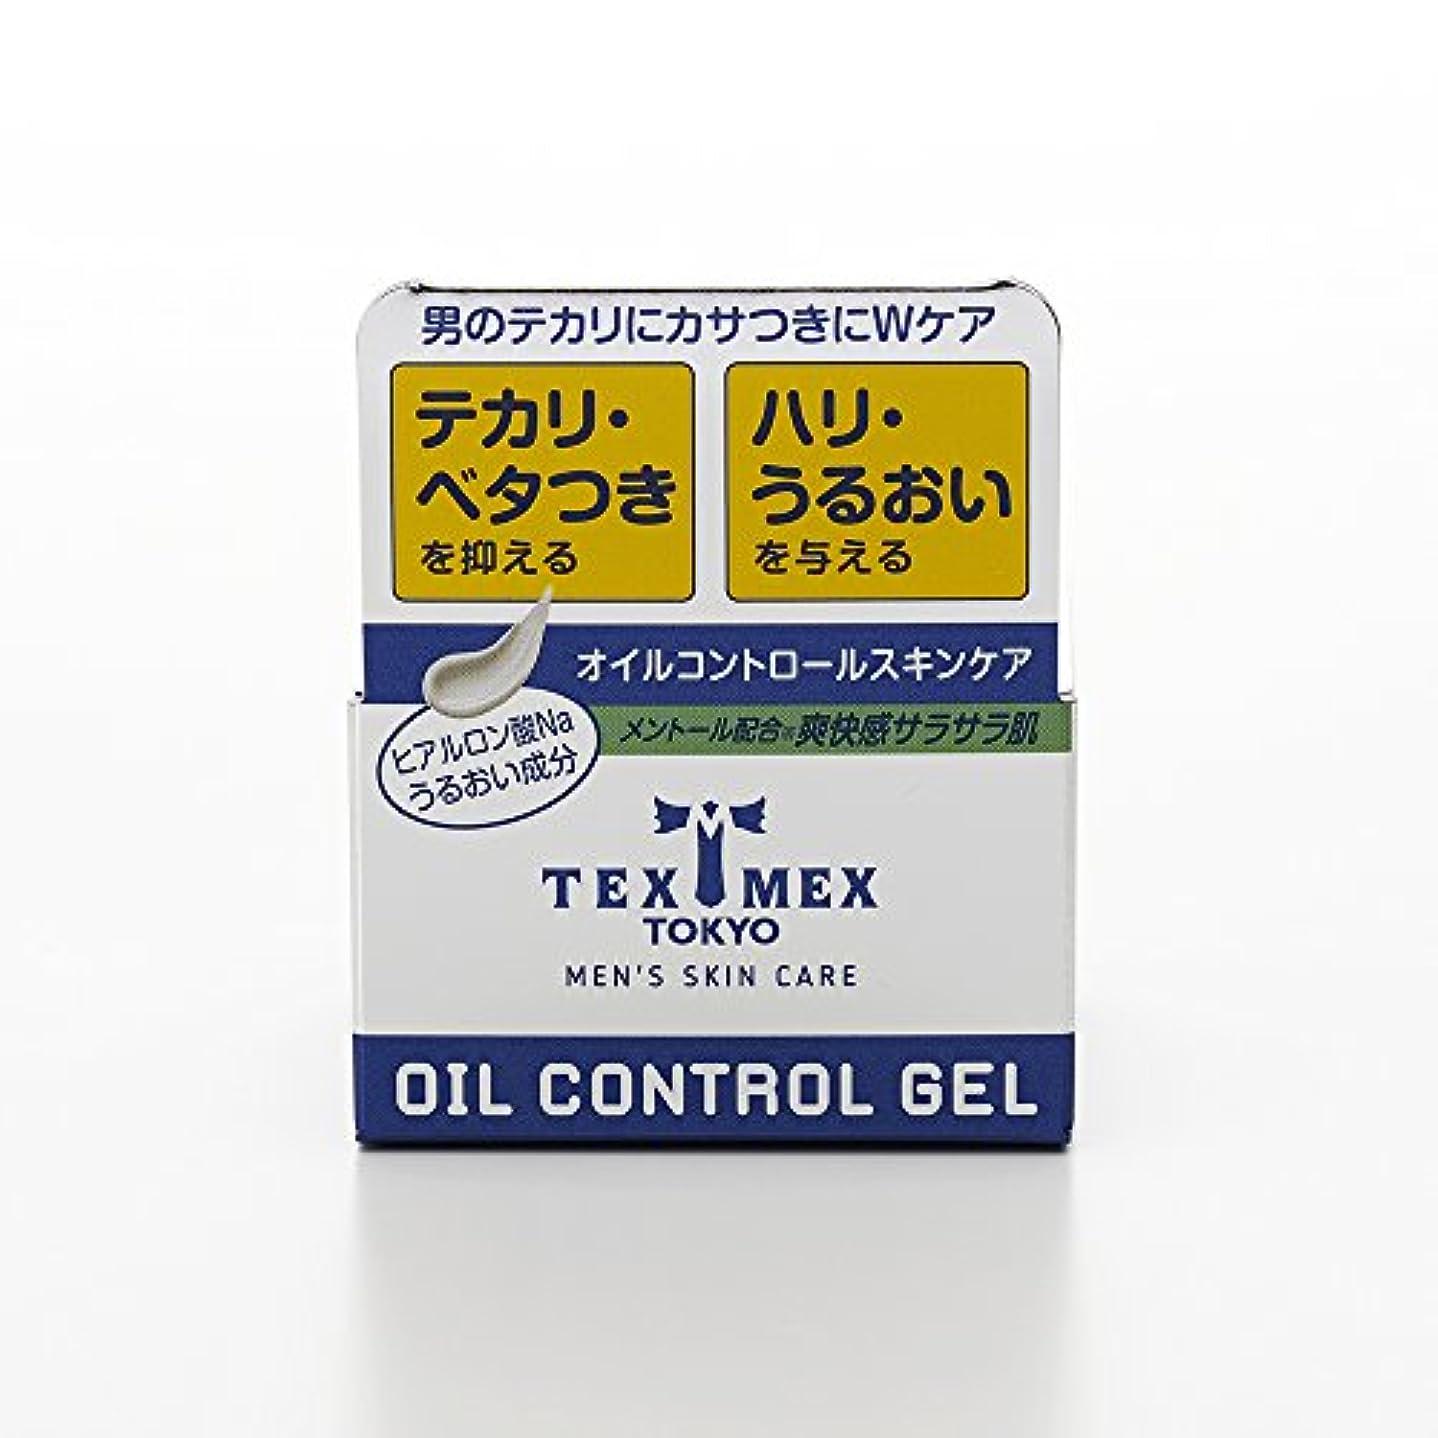 フローティング柱アンドリューハリディテックスメックス オイルコントロールジェル 24g (テカリ防止ジェル) 【塗るだけでサラサラ肌に】